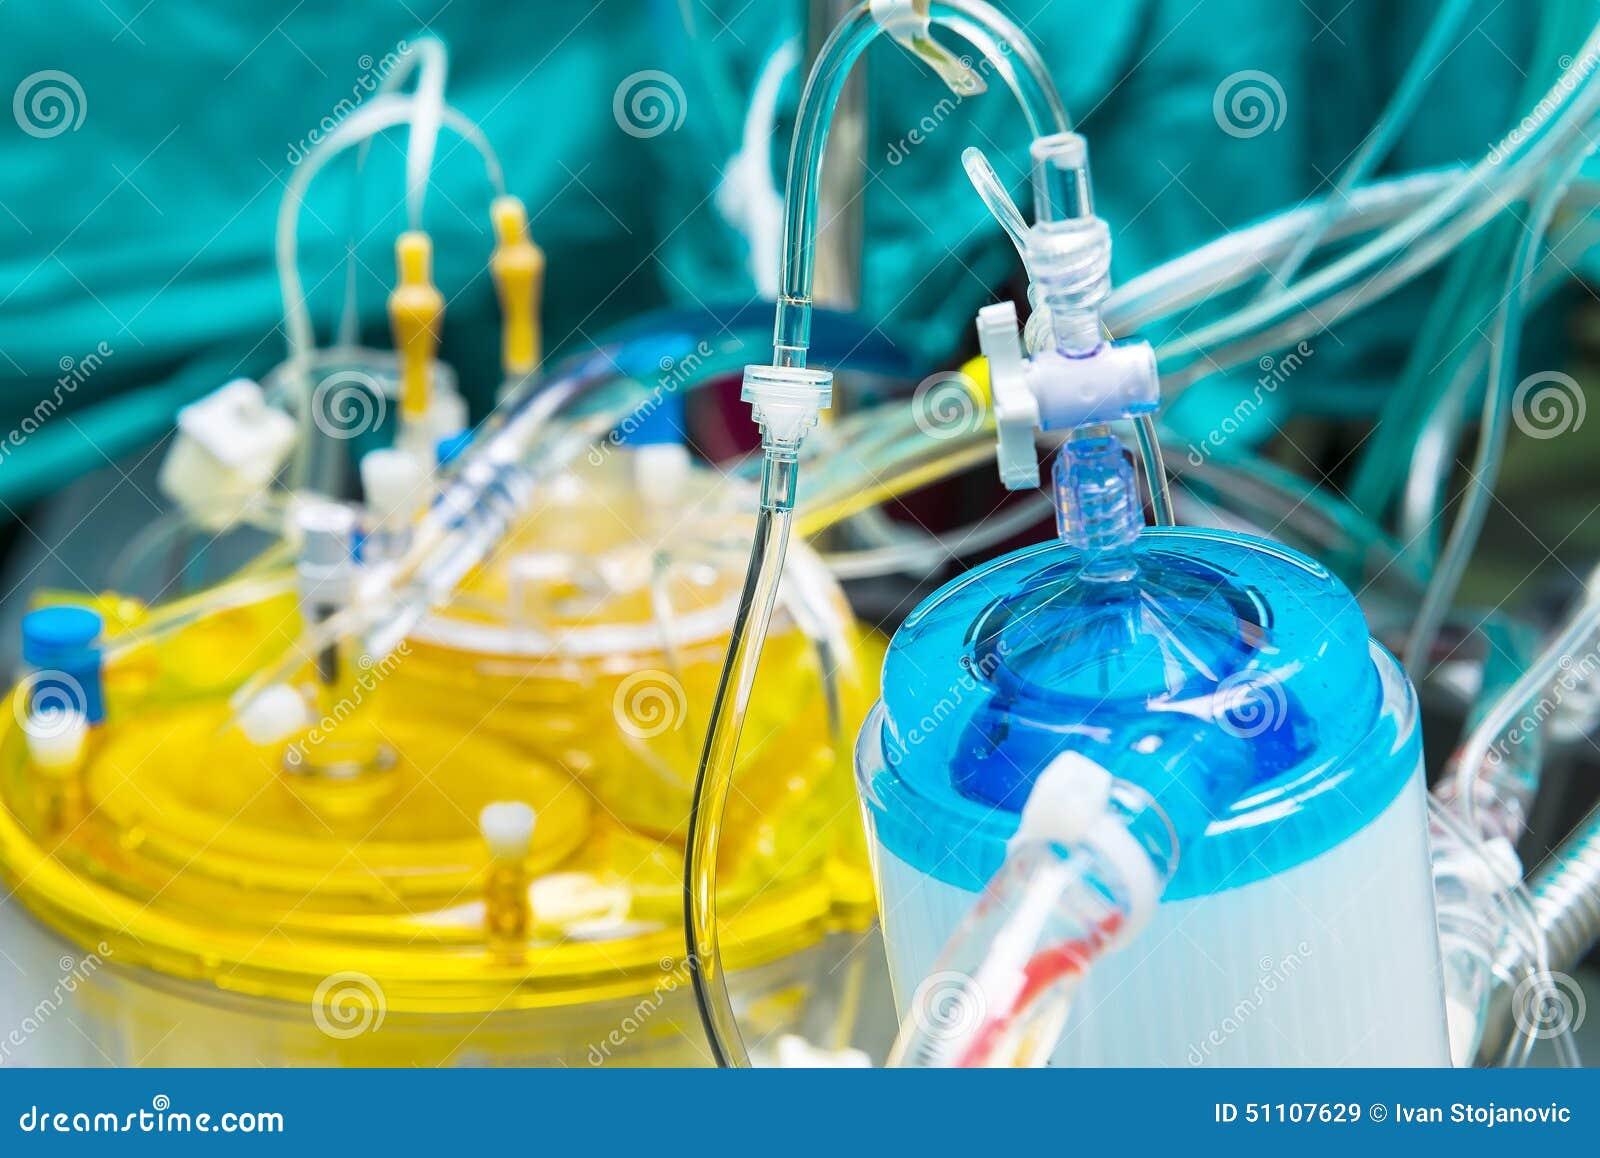 Filter van de hart-long machine